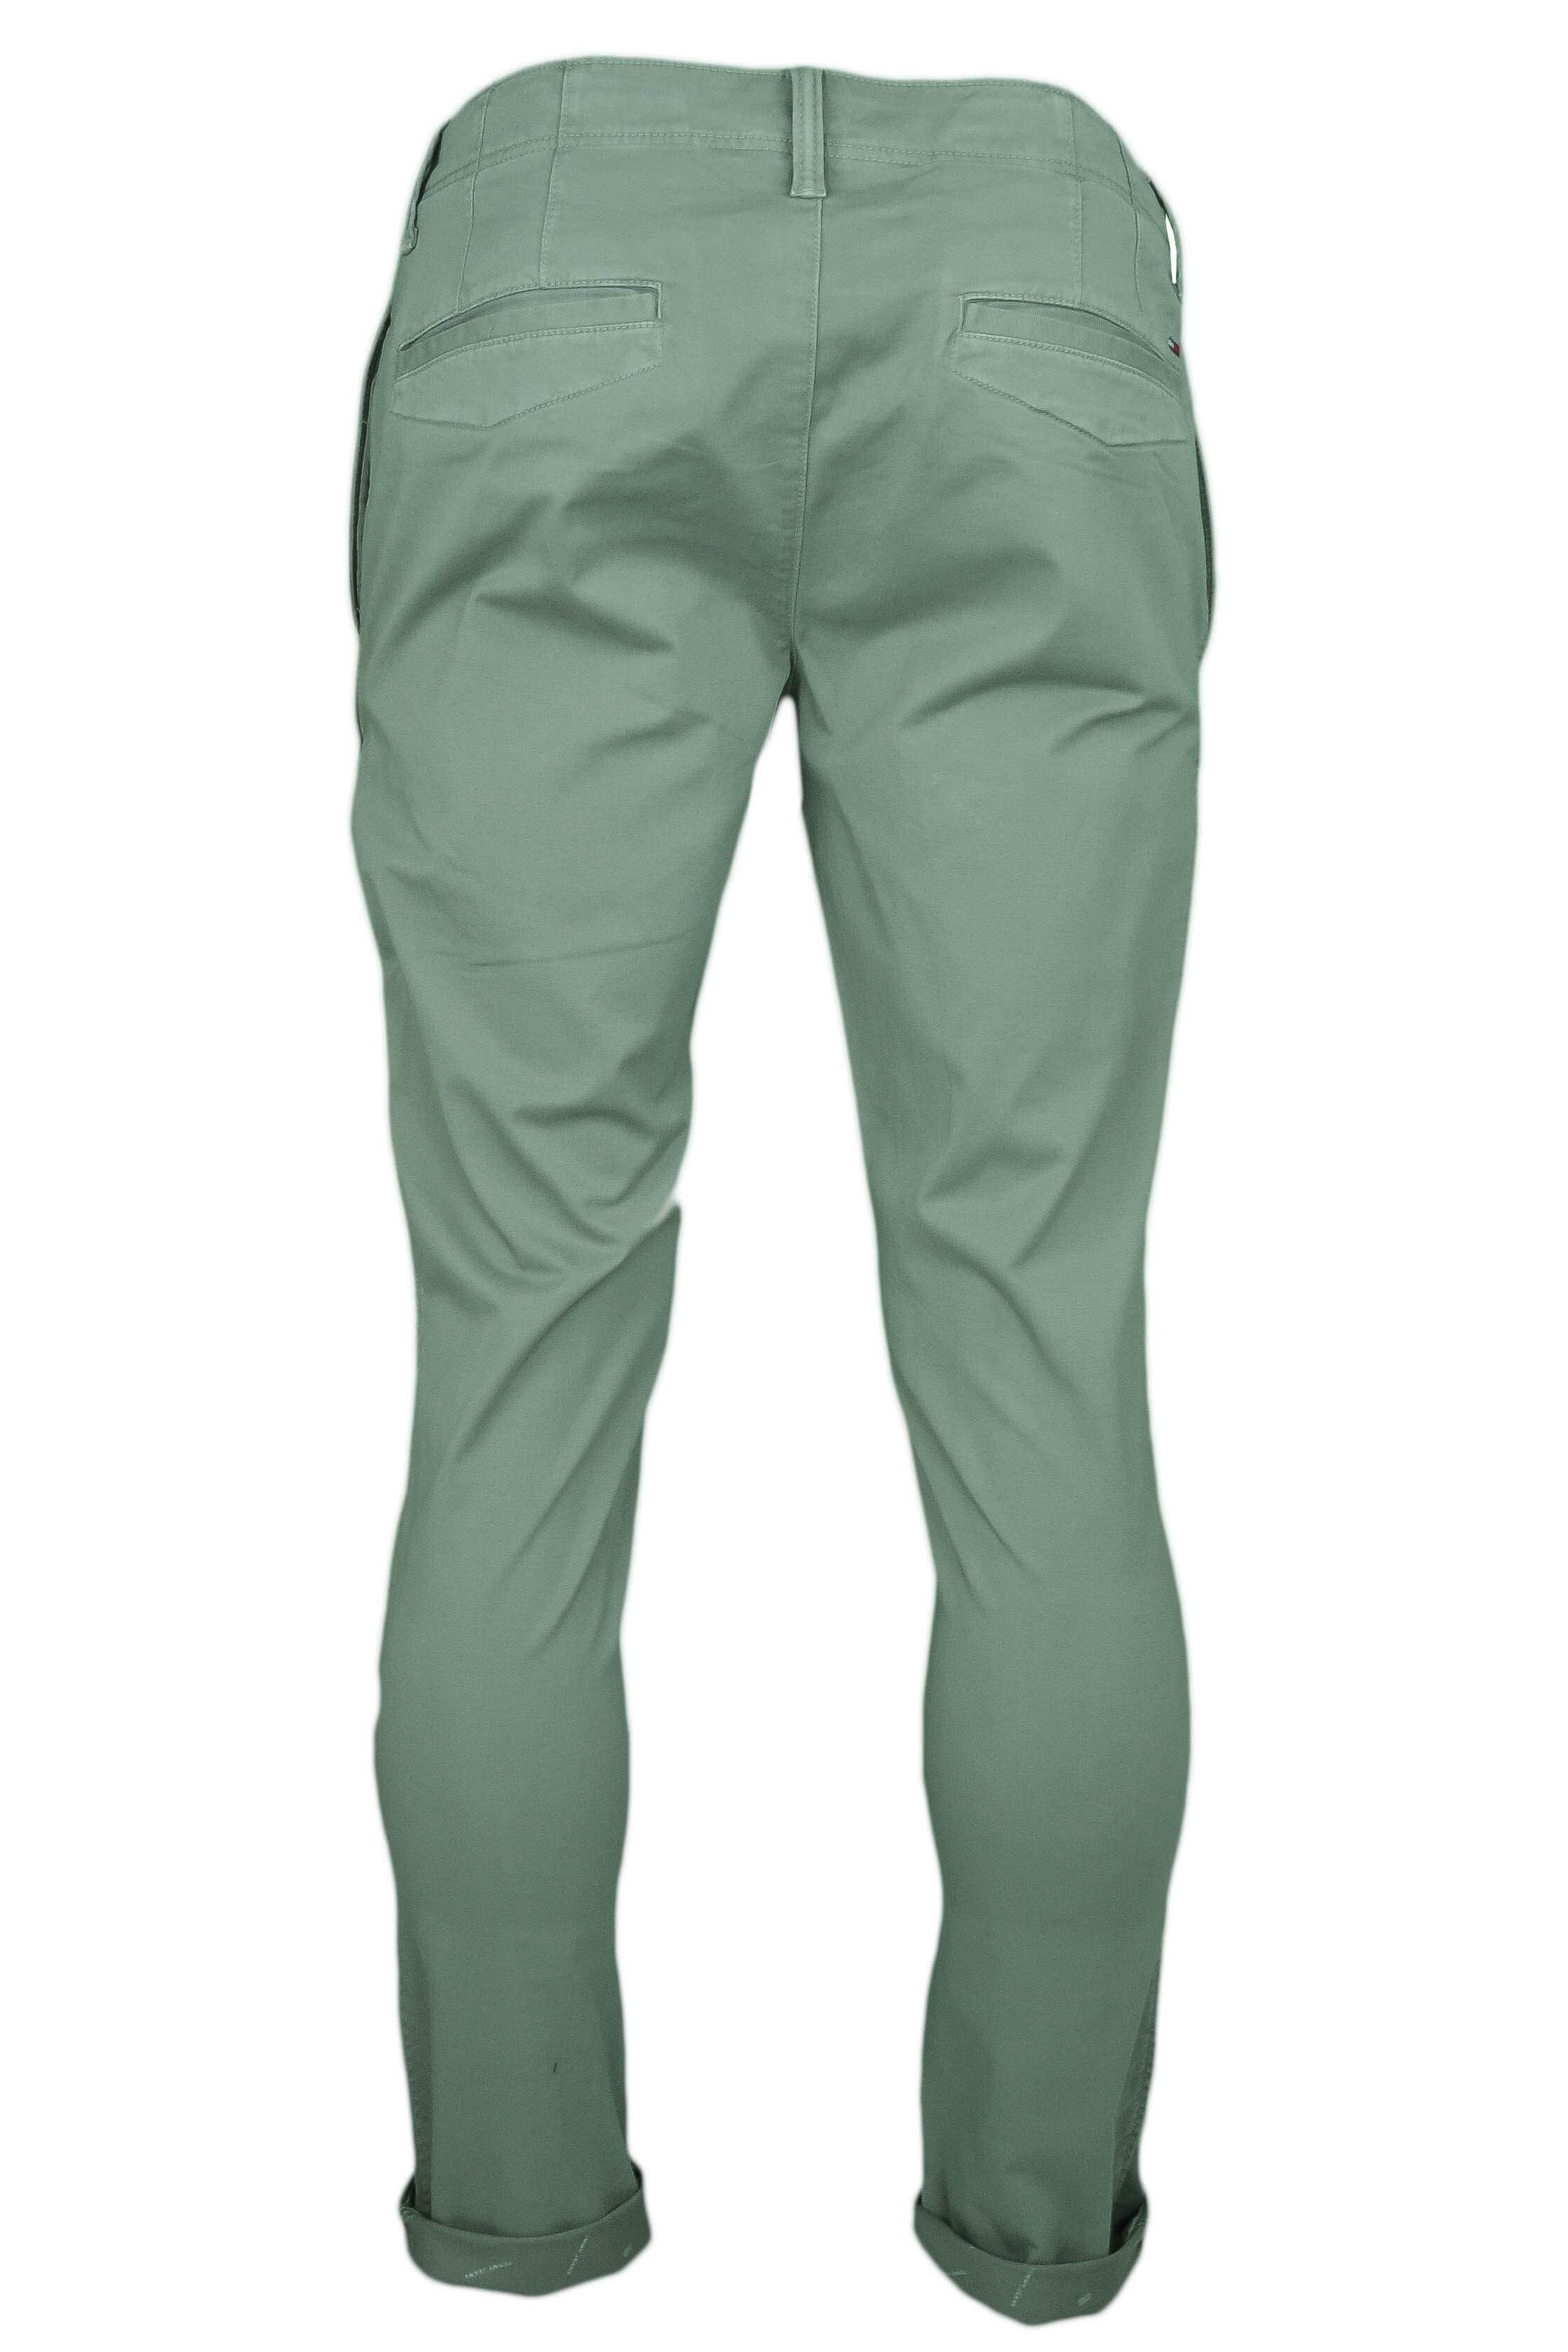 cc0807491 Pantalon chino Tommy Jeans vert kaki slim fit pour homme - Toujours...